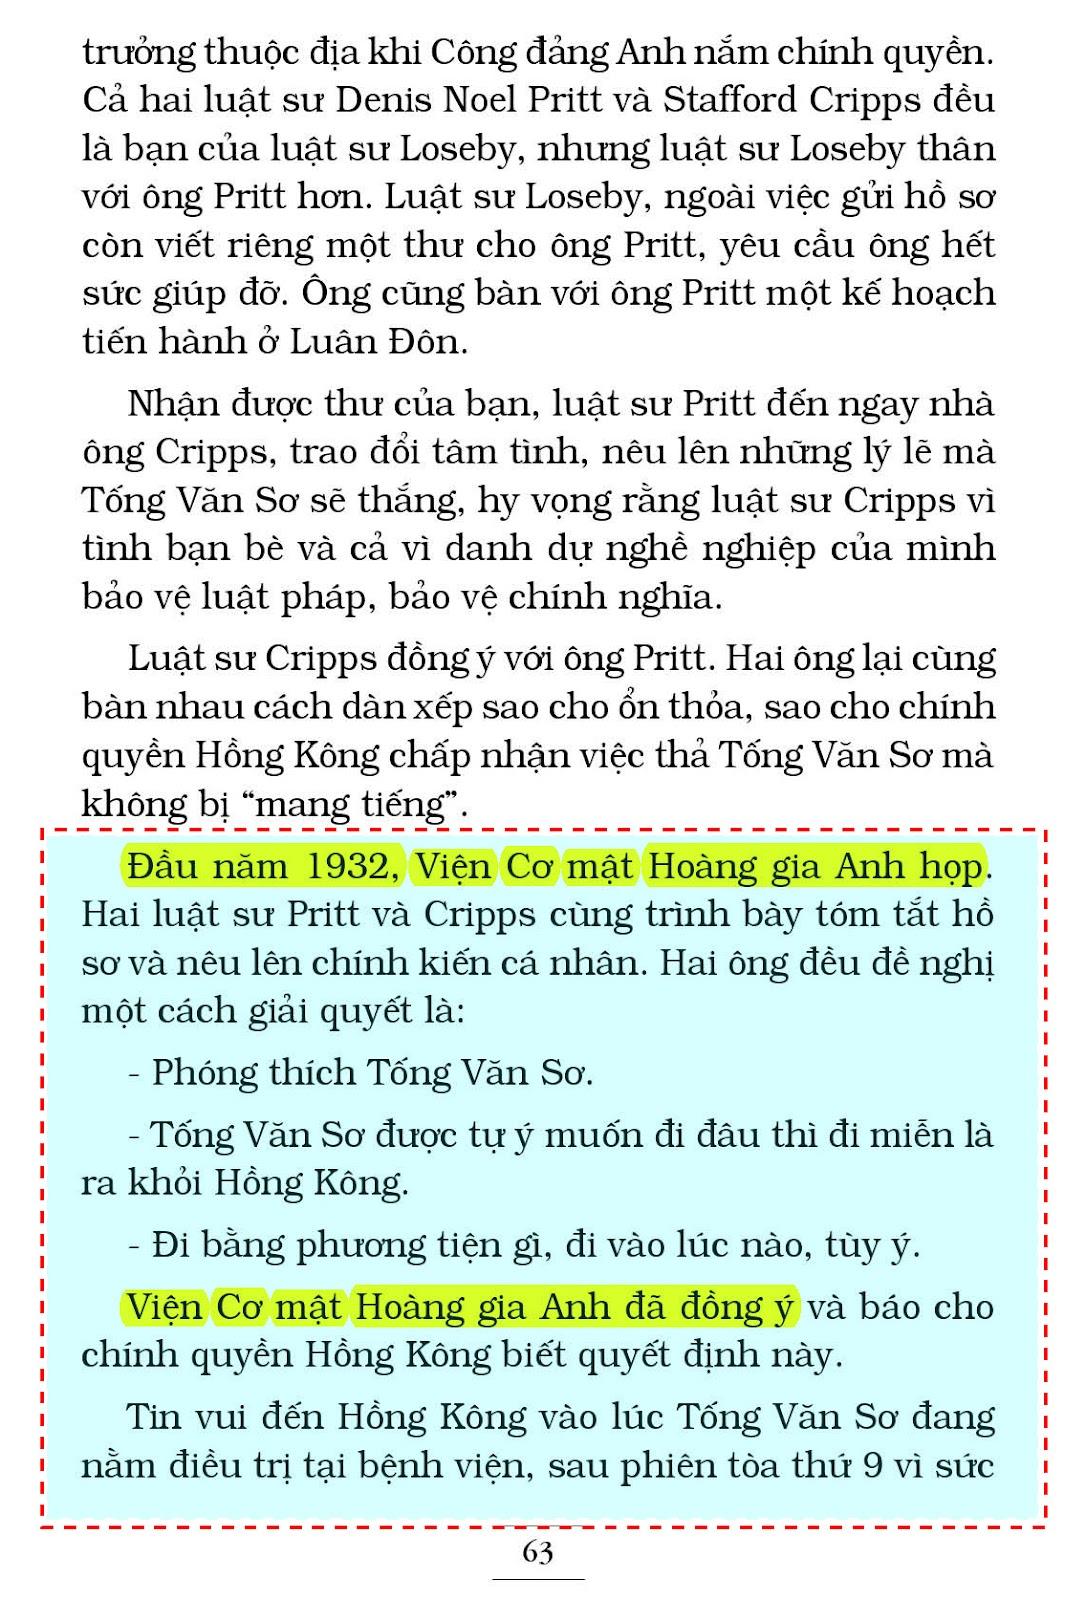 Trang 63 - Nguyễn Ái Quốc và vụ án Hồng Kông năm 1931.jpg